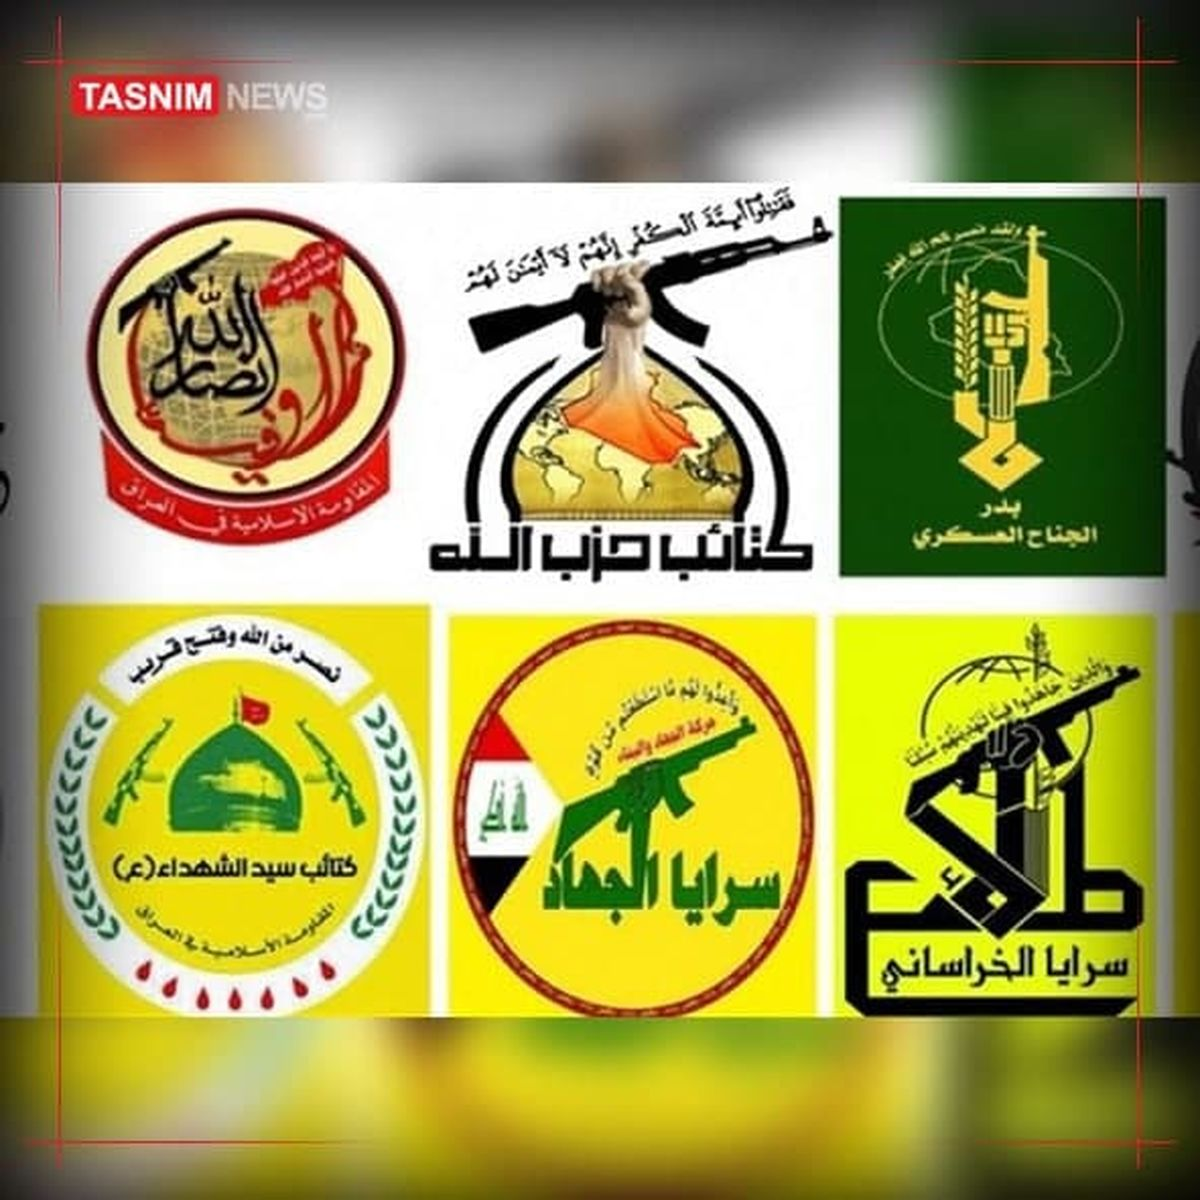 بیانیه مقاومت عراق: مخالفان با اخراج اشغالگران خائن هستند